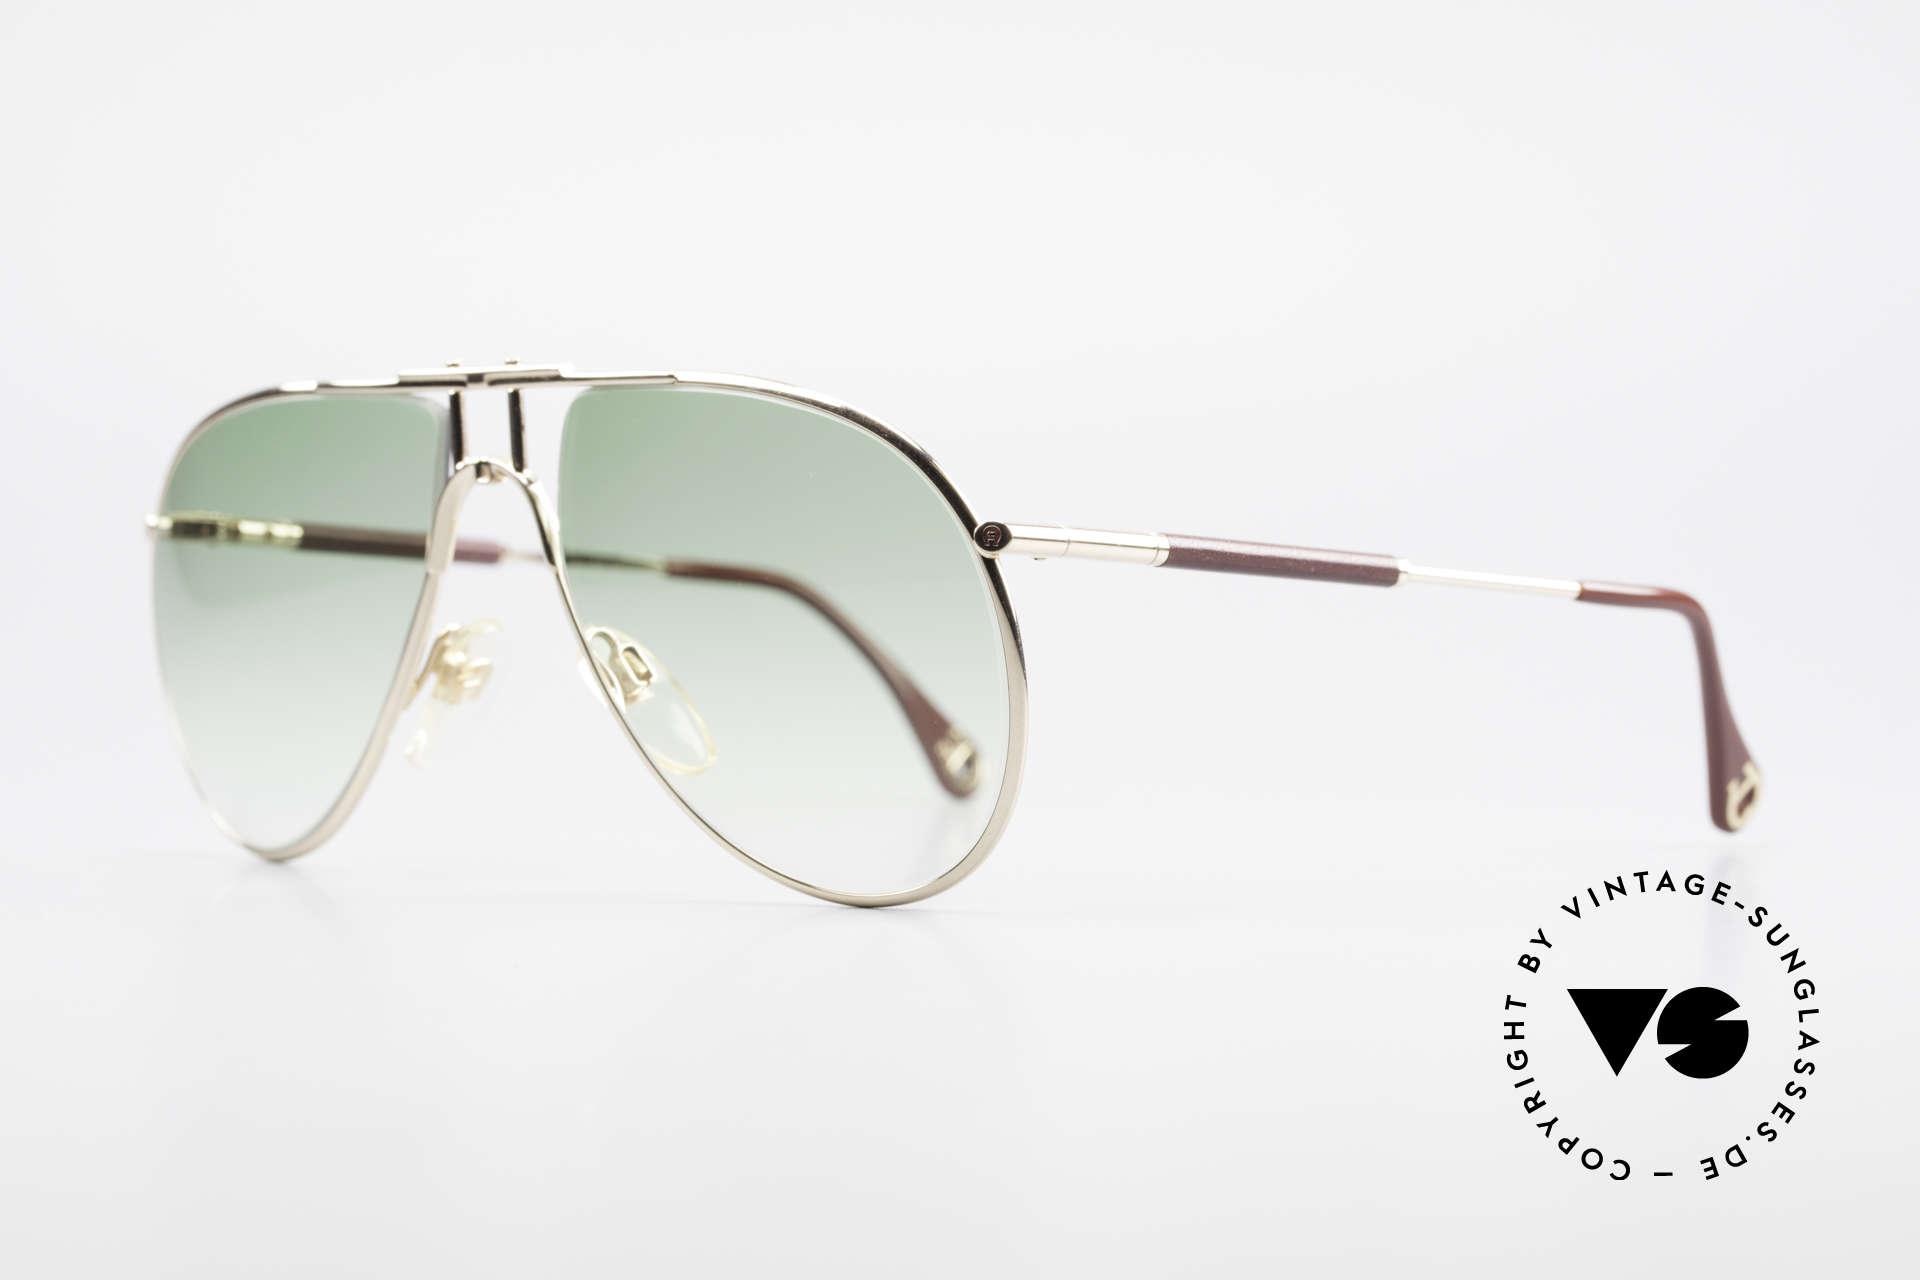 Aigner EA3 Echt 80er Vintage Sonnenbrille, wahre Gentleman-Sonnenbrille; kostbar und selten!!, Passend für Herren